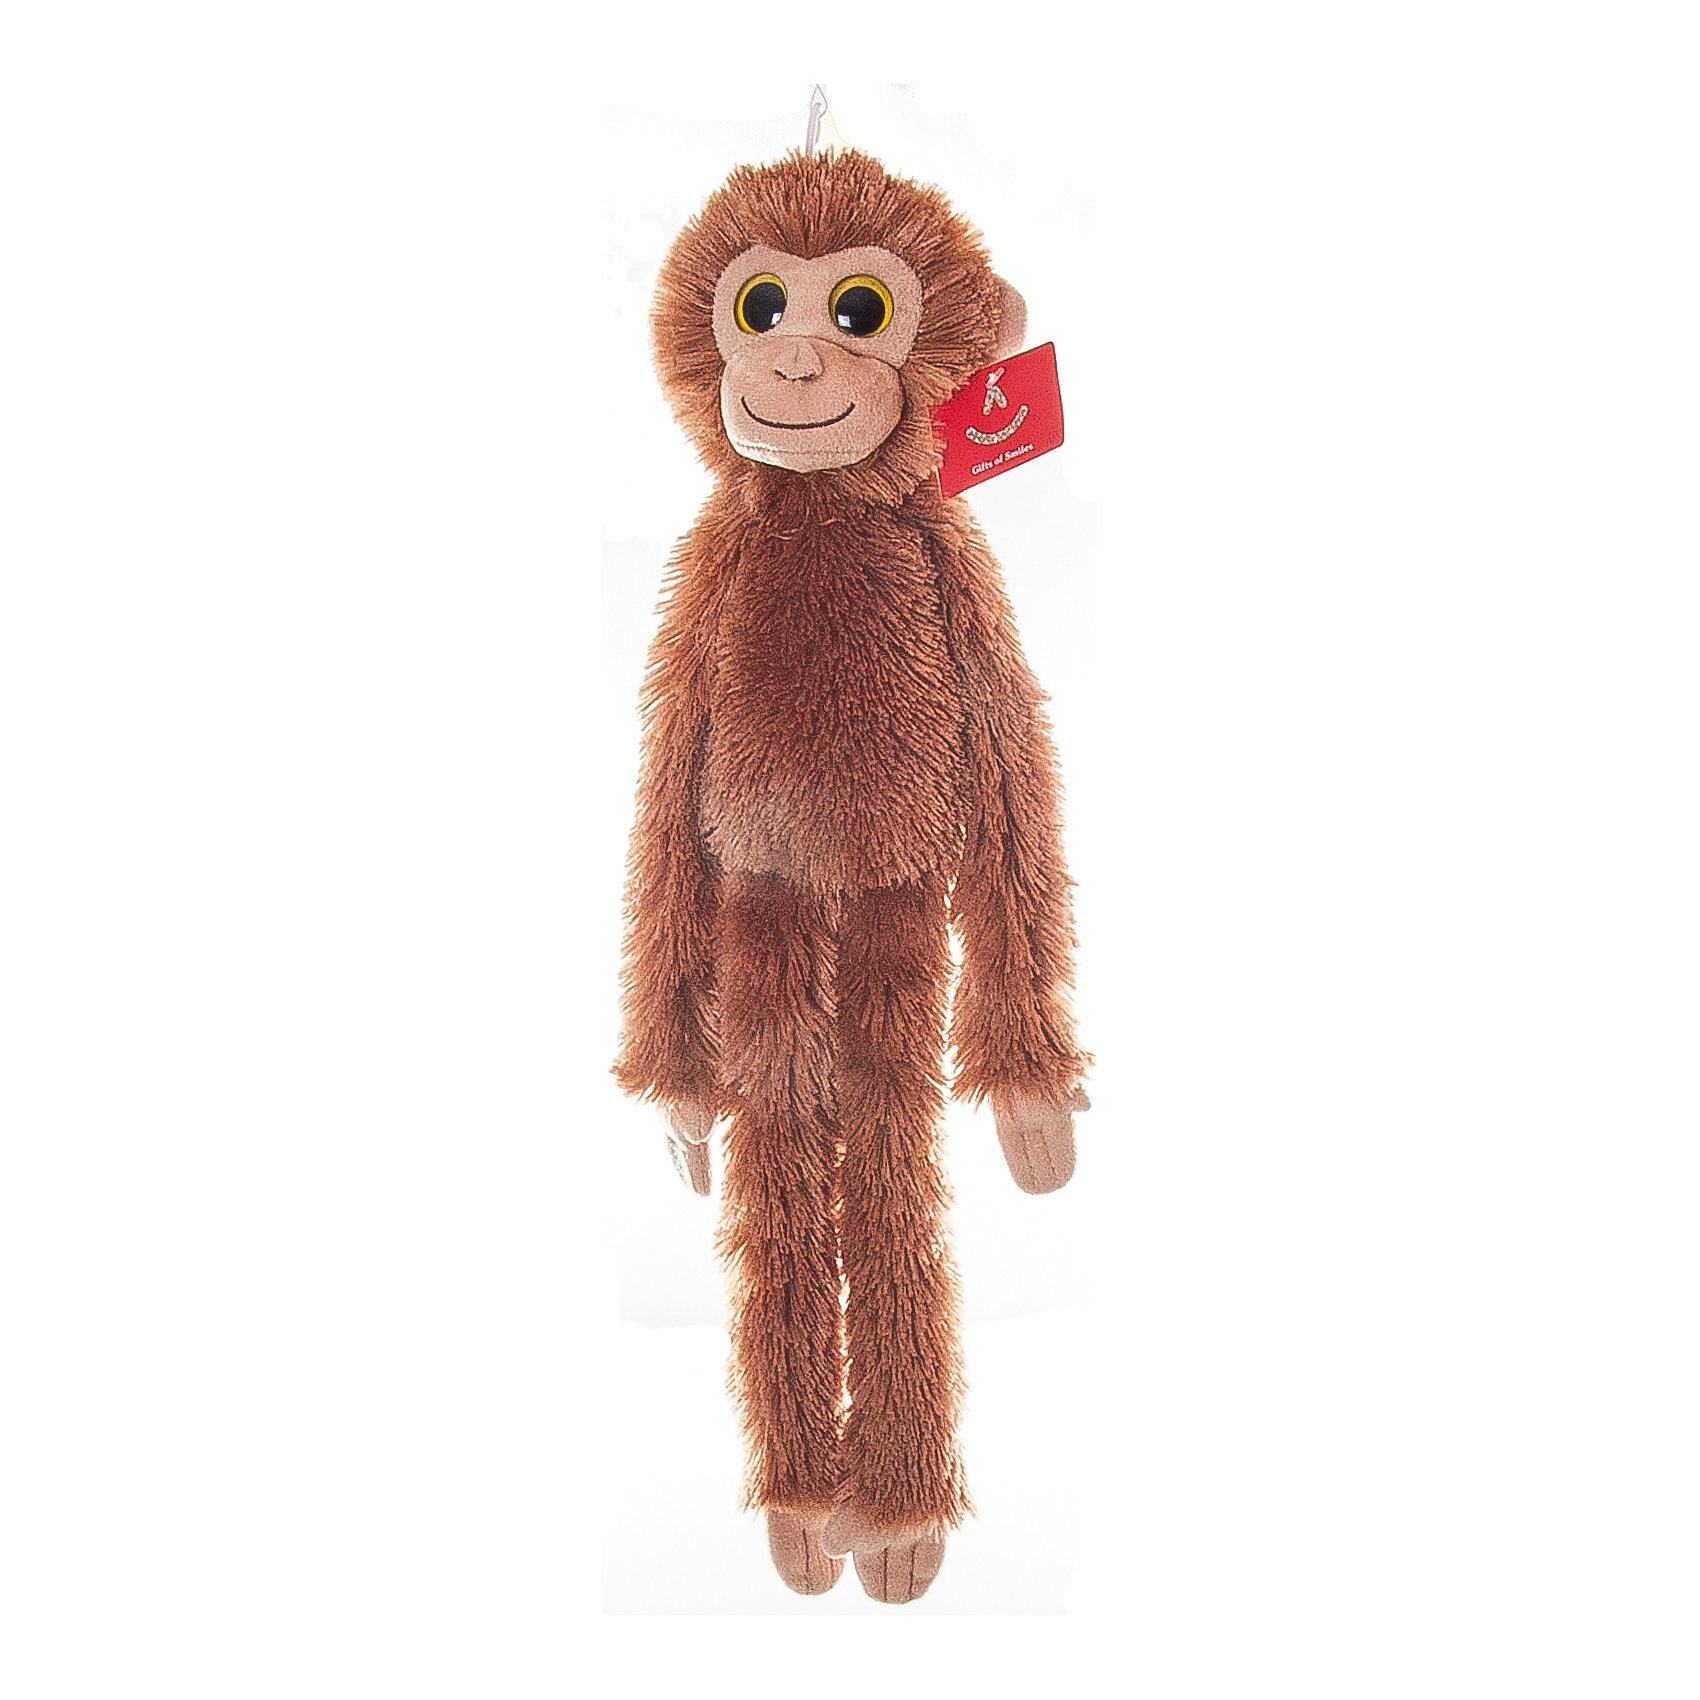 AURORA Мягкая игрушка Шимпанзе коричневый, 50 см., AURORA большую мягкую игрушку собаку лежа в москве